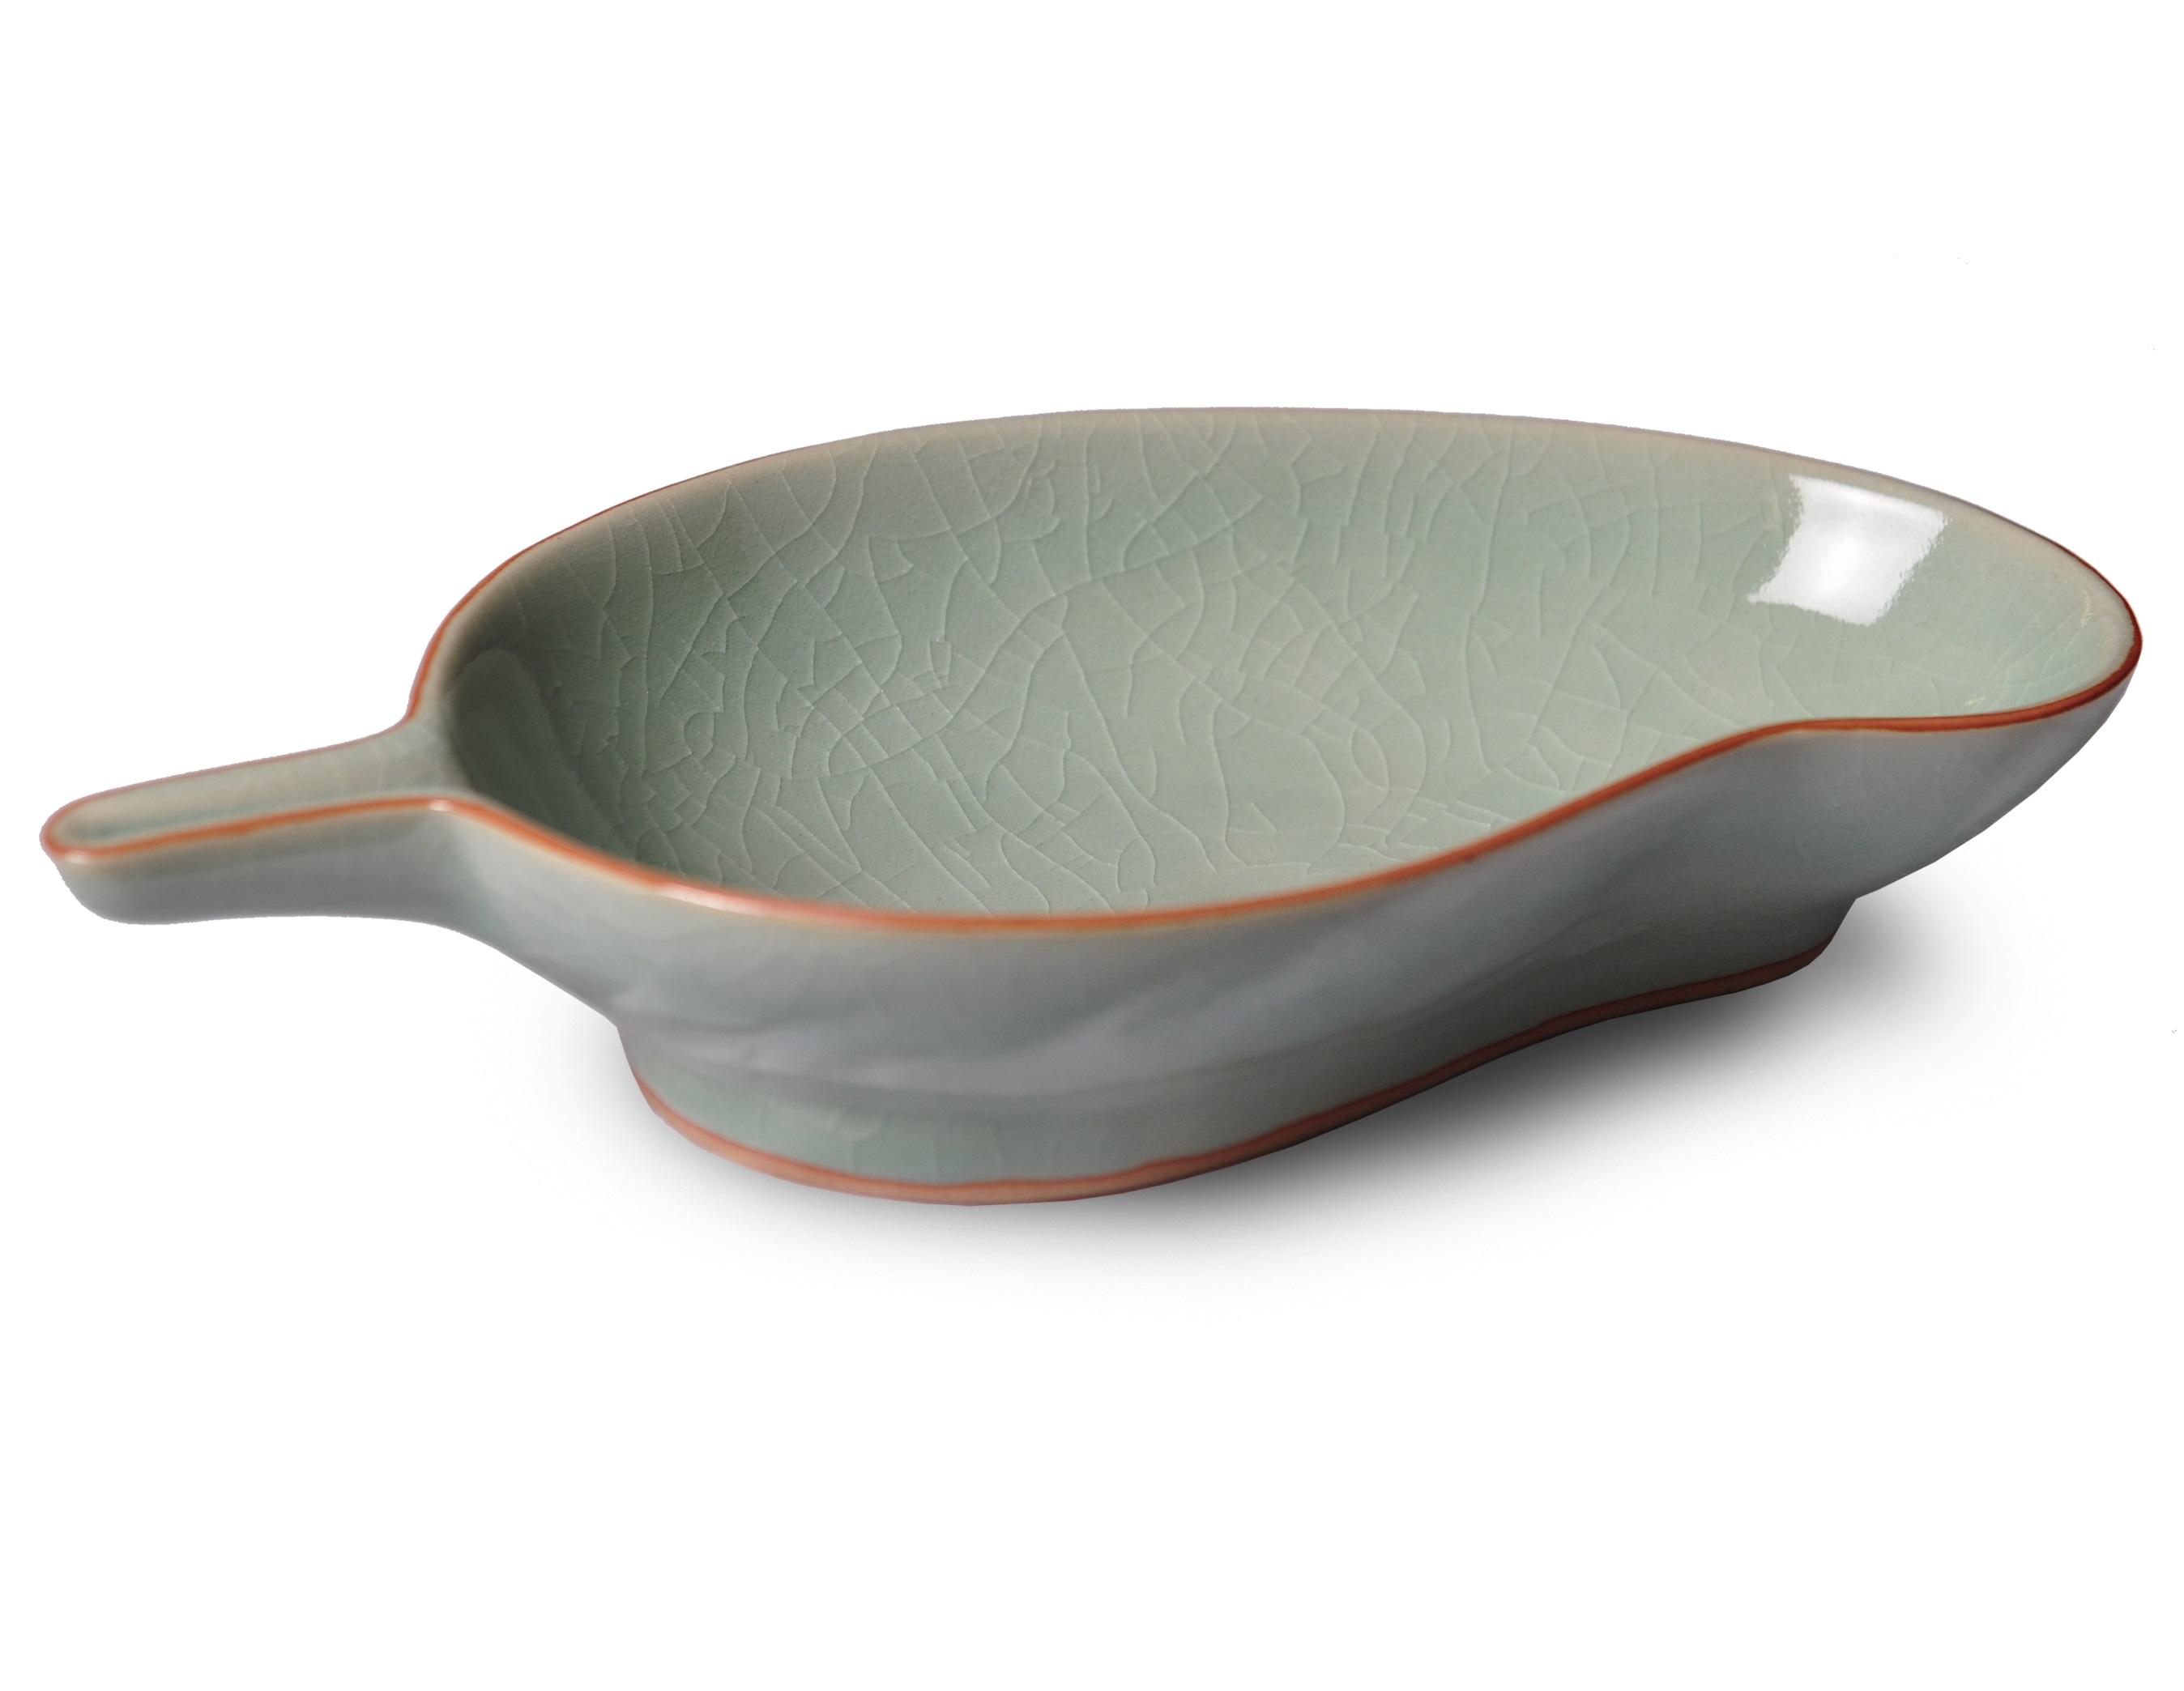 Миска в виде манго ConceptЧаши<br>Сочетание минималистических тенденций и классической текстуры позволило создать посуду, способную удовлетворить самый изысканный вкус. Коллекция напоминает о тех минутах, когда природа замирает в ожидании чуда. Домашний обед или ужин в ресторане, коллекция &amp;quot;Concept&amp;quot; создаст атмосферу индивидуальности, изысканности и гармонии.<br><br>Material: Керамика<br>Length см: 20.3<br>Width см: 12.1<br>Height см: 4.5